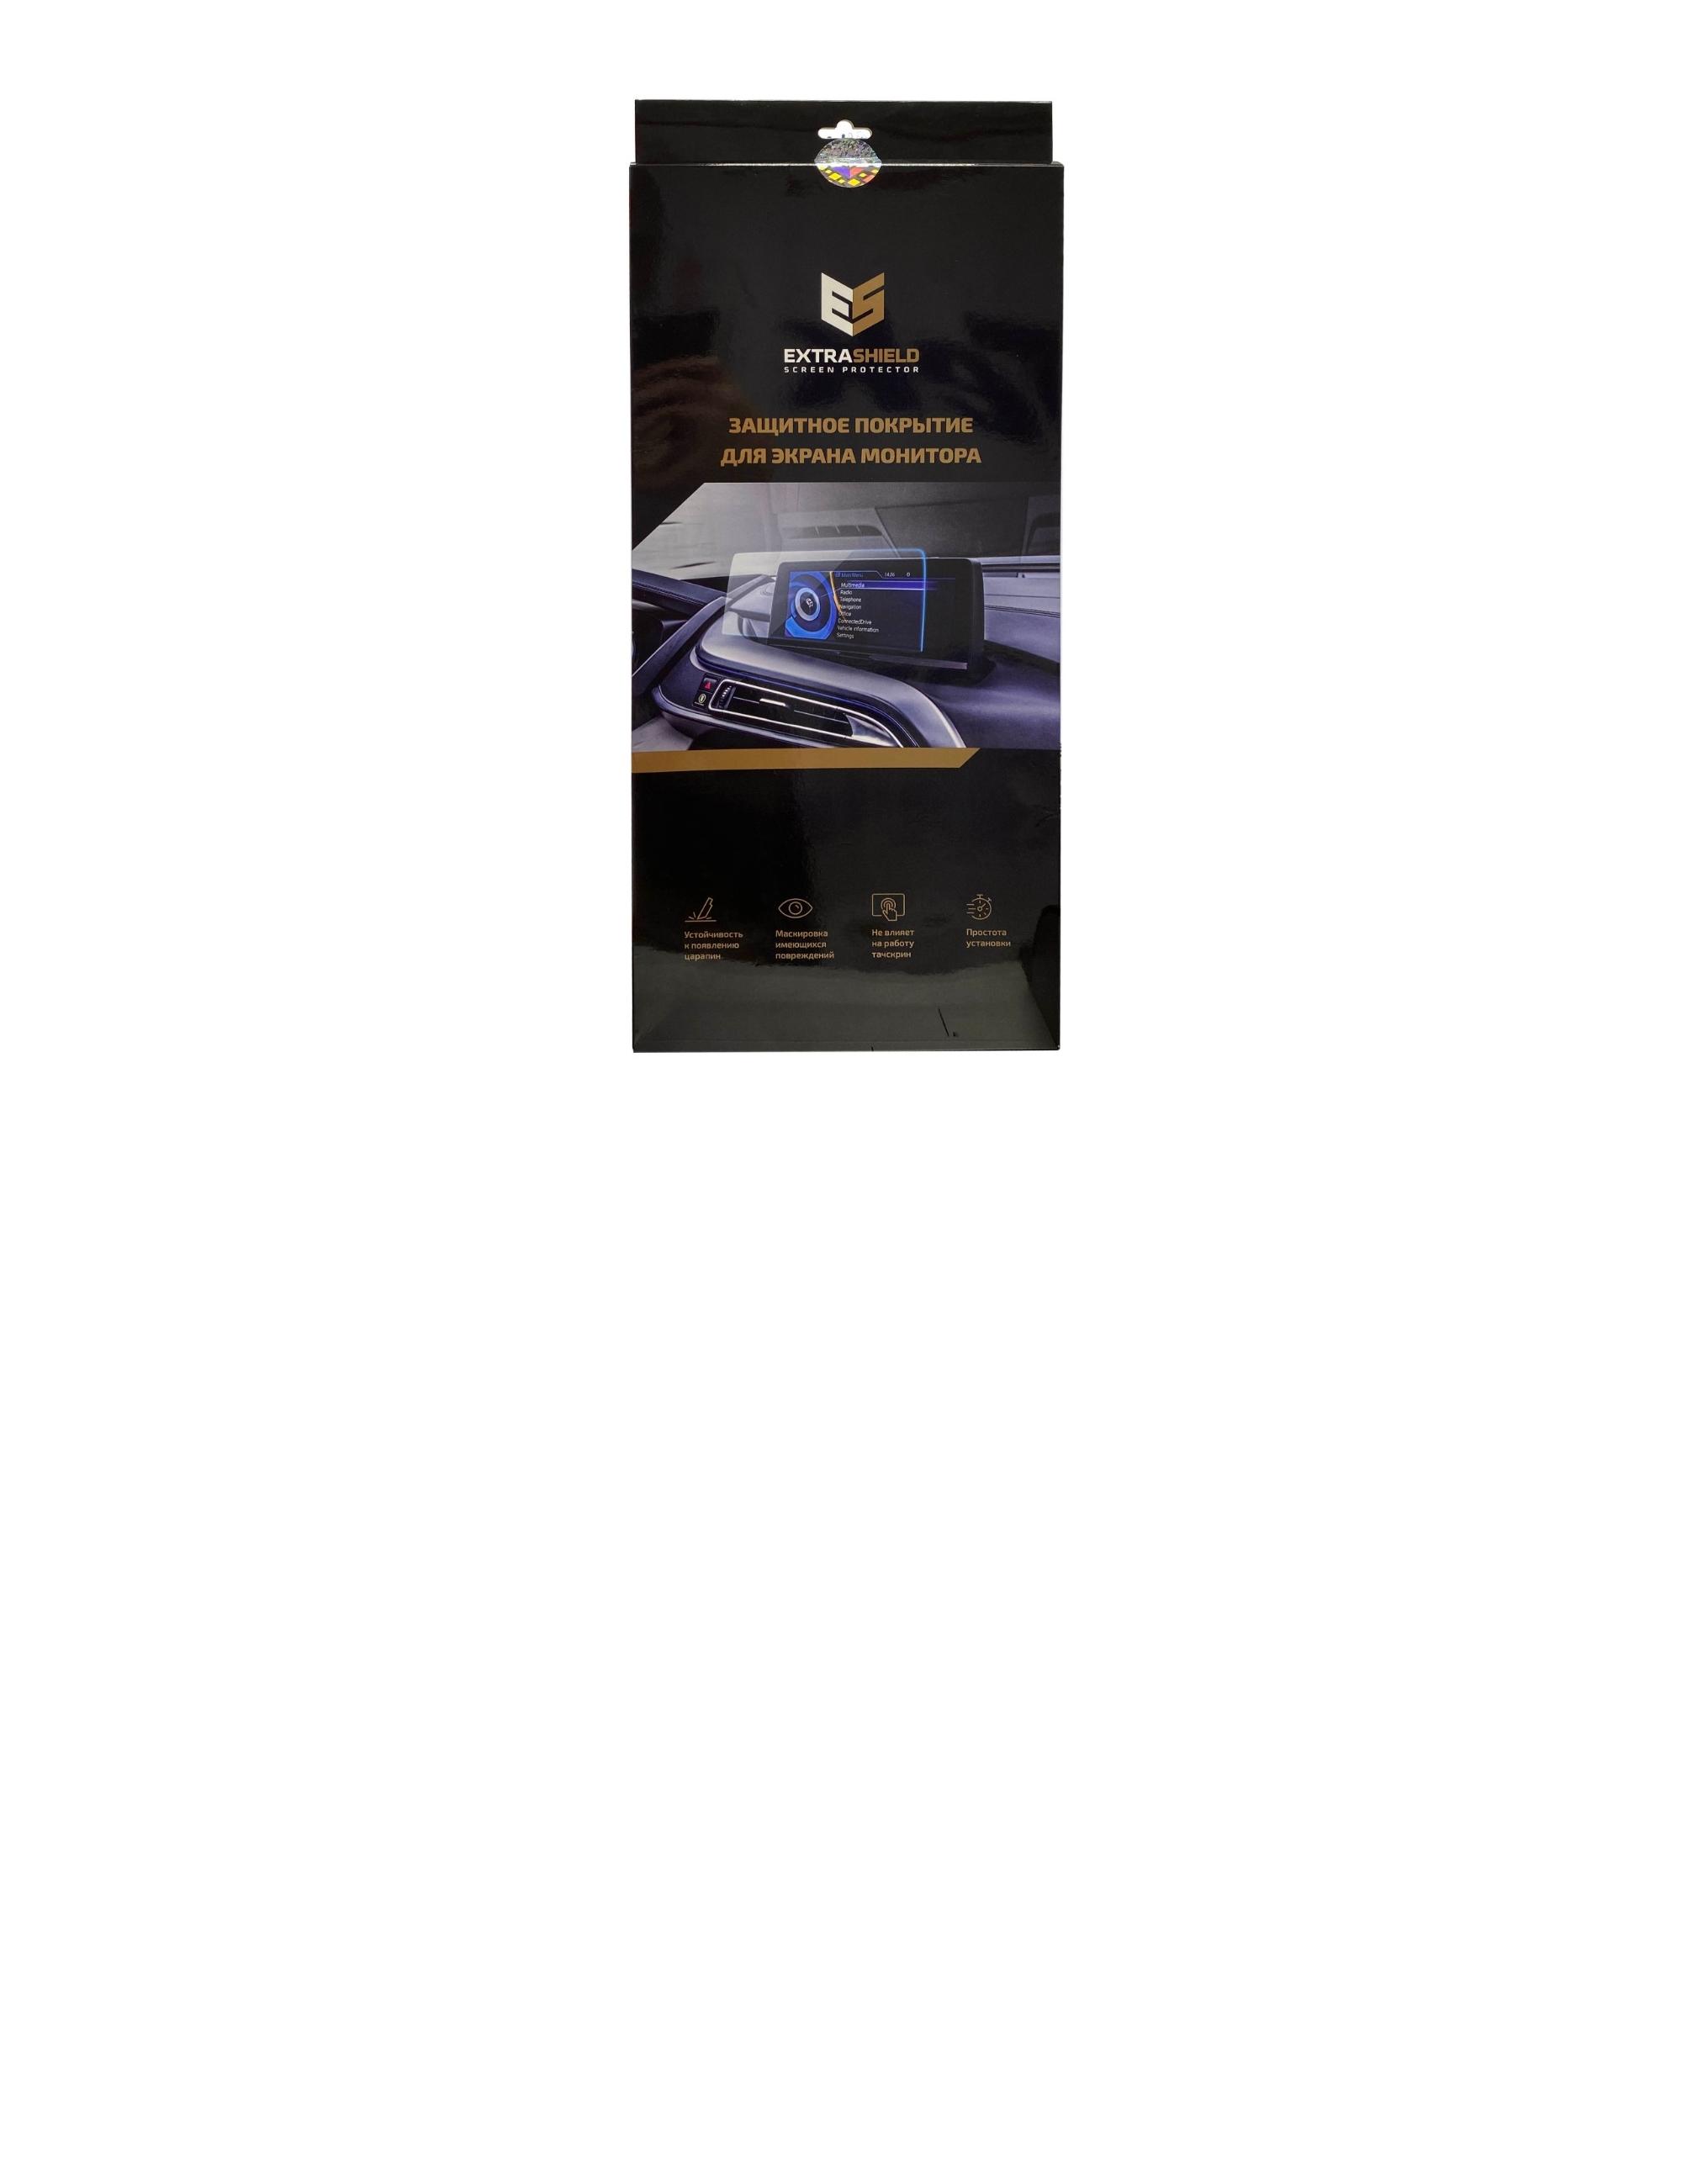 BMW X7 (G07) 2018 - н.в. приборная панель (с датчиком) 12.3 Защитное стекло Матовая